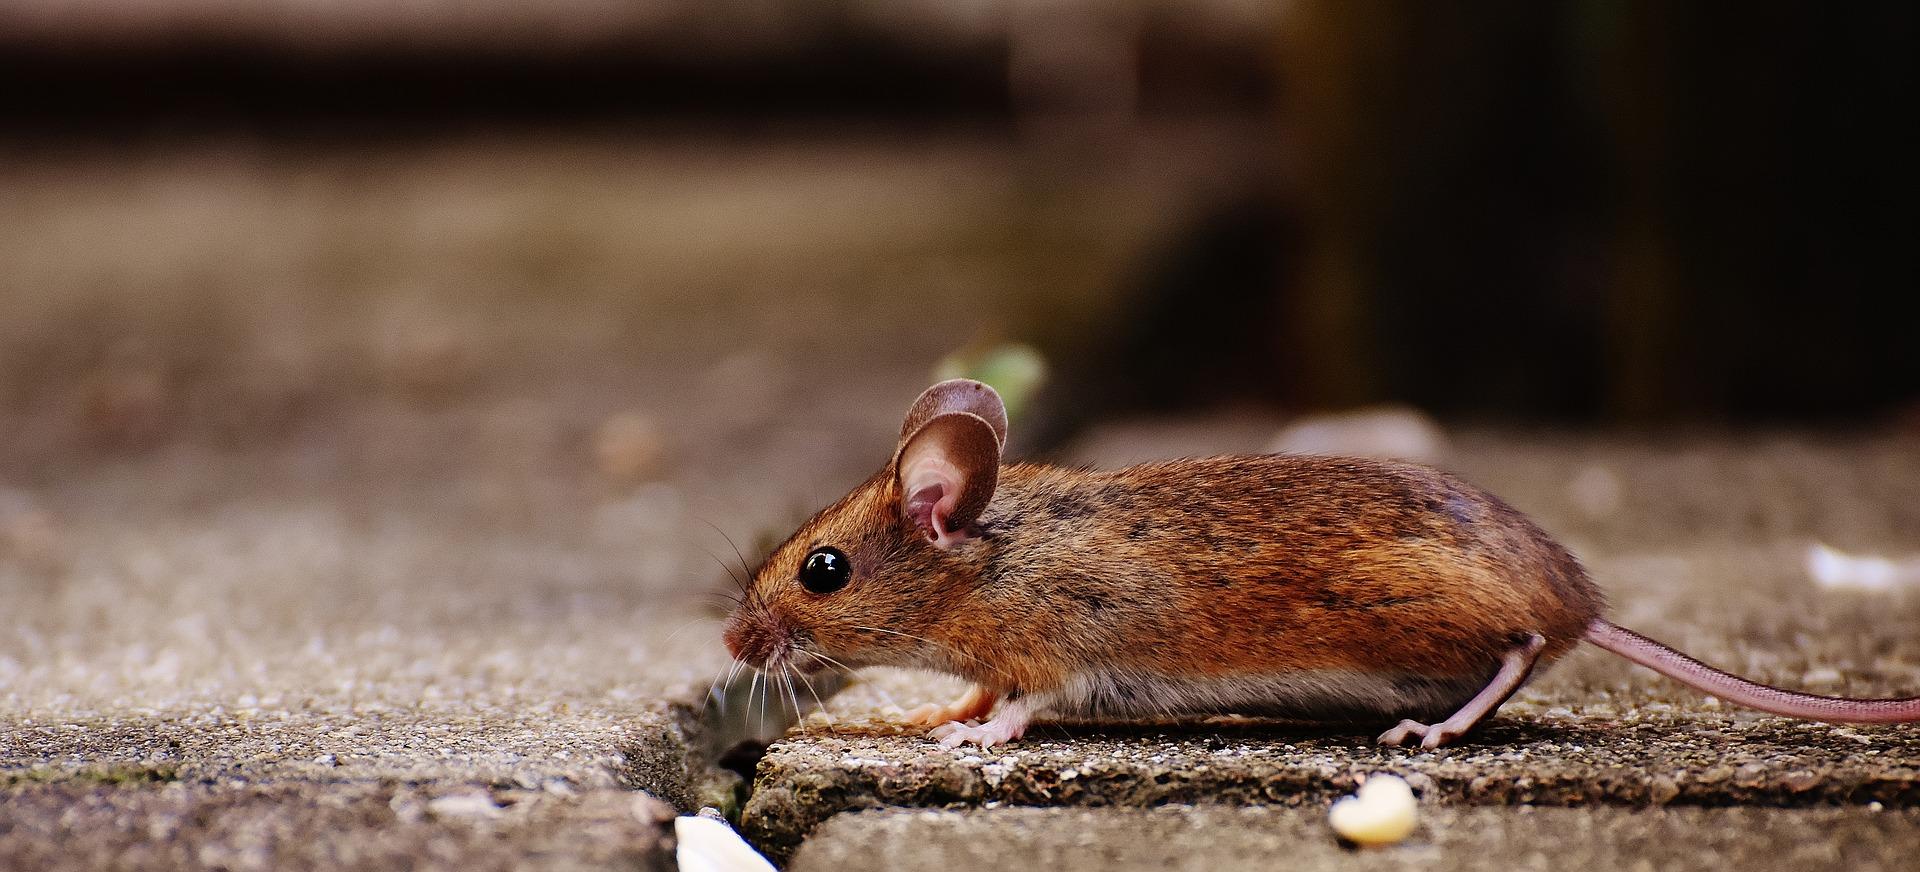 Falso Techo Y Plagas Comunes: Ratones, Ratas, Hormigas Y Cucarachas